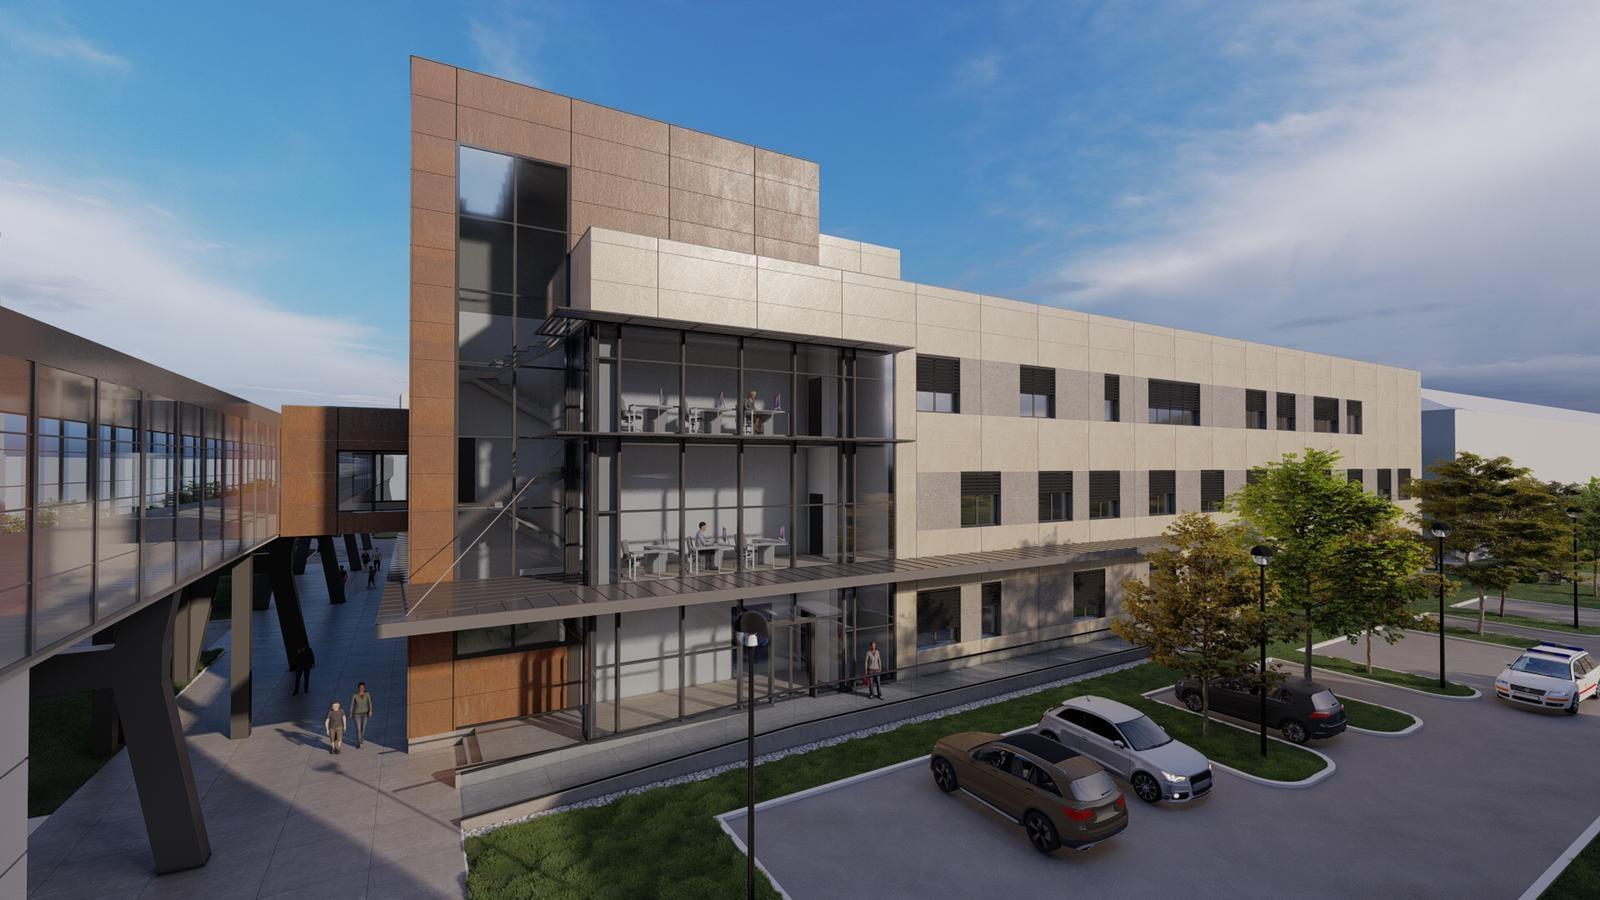 11,5 milliárd forintból megkezdődhet a székesfehérvári kórház bővítése